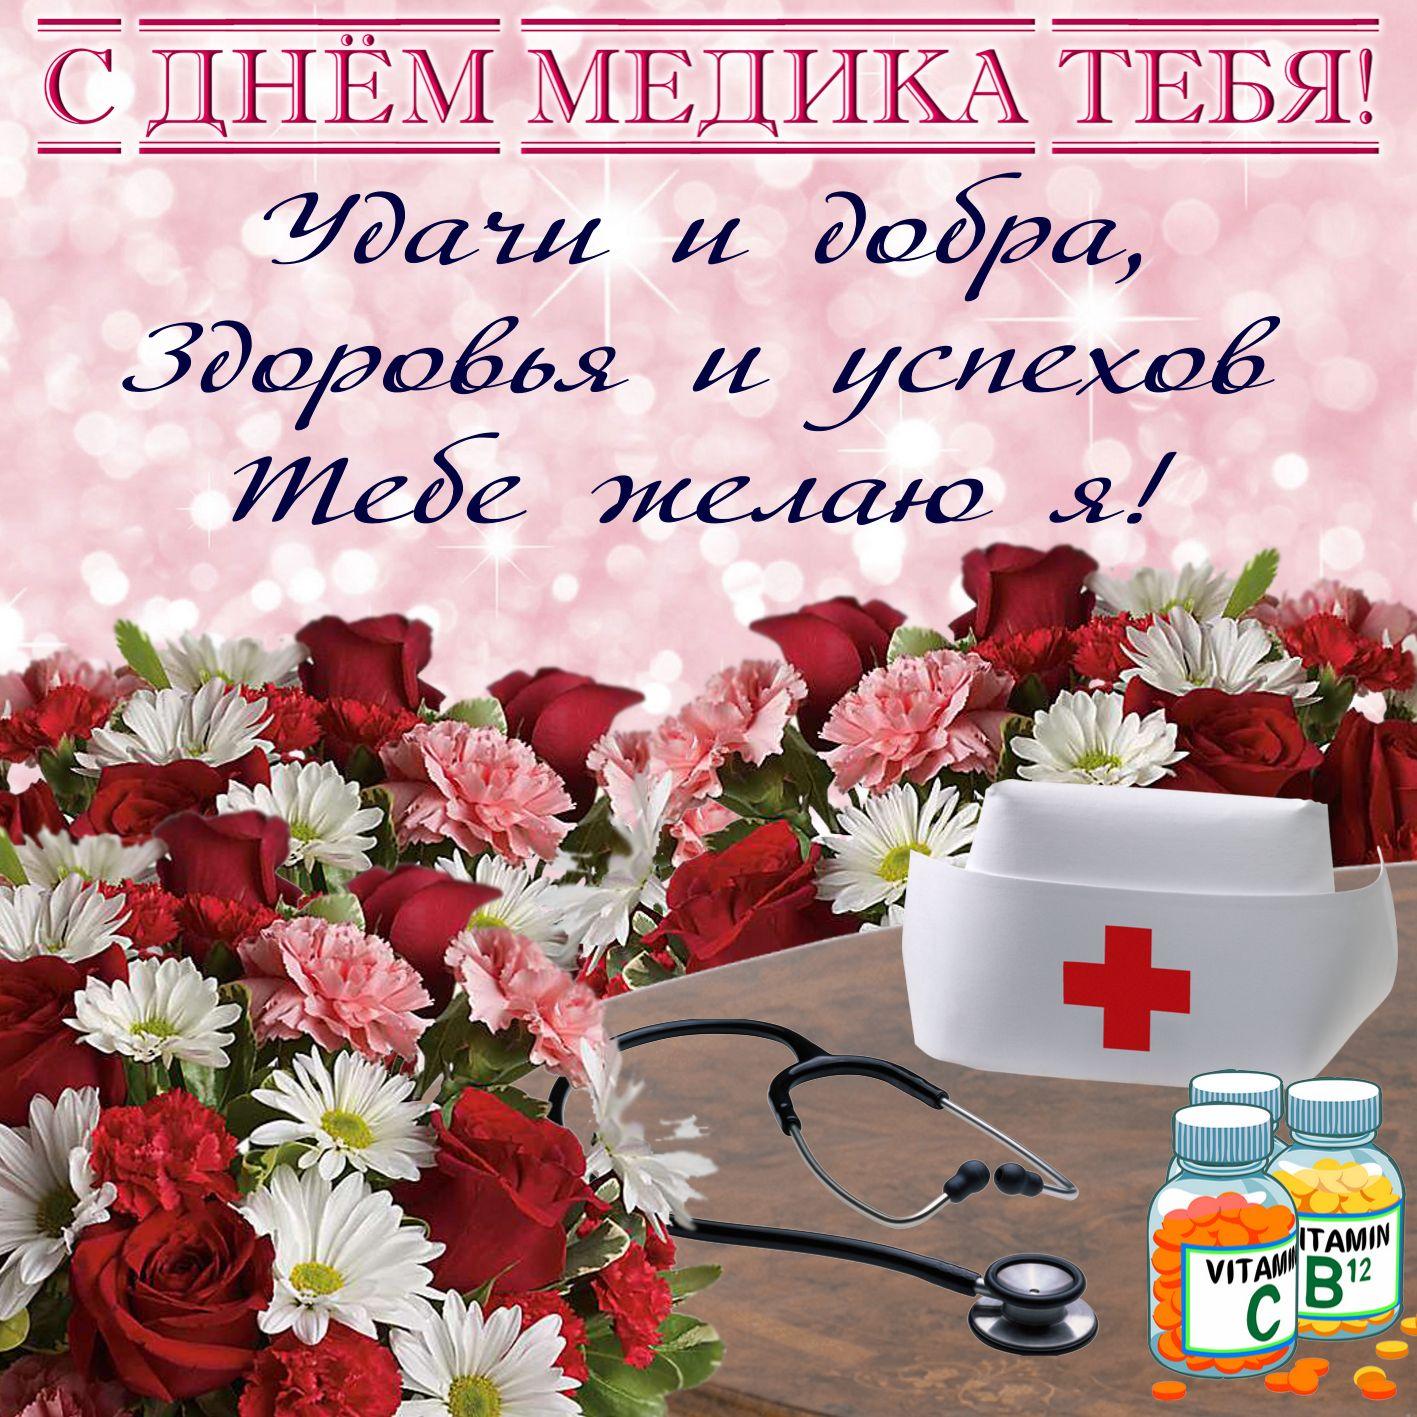 Картинка с медицинскими атрибутами на День медика